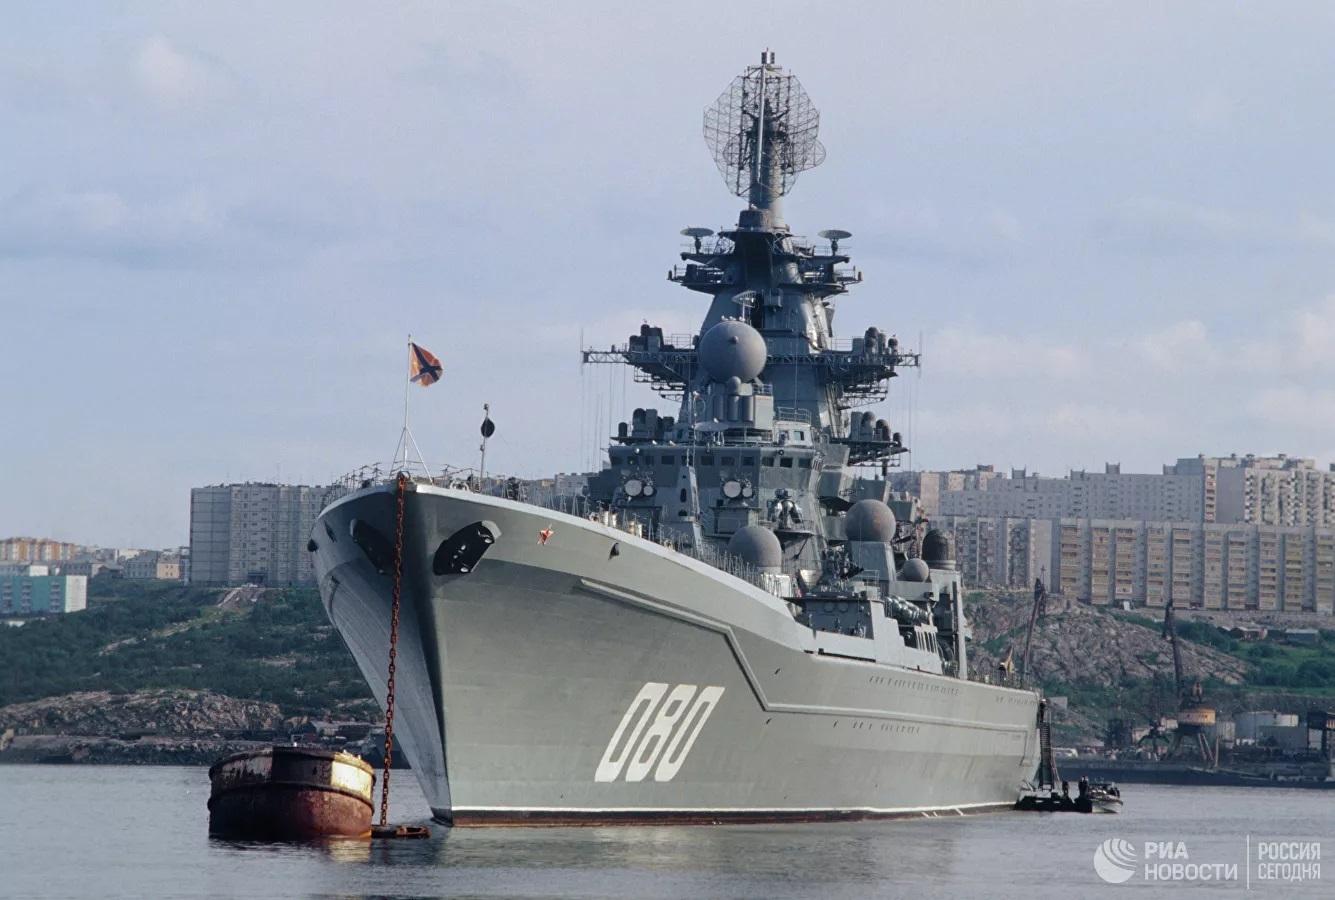 Hé lộ chiến hạm của Nga một mình 'cân' cả hạm đội NATO